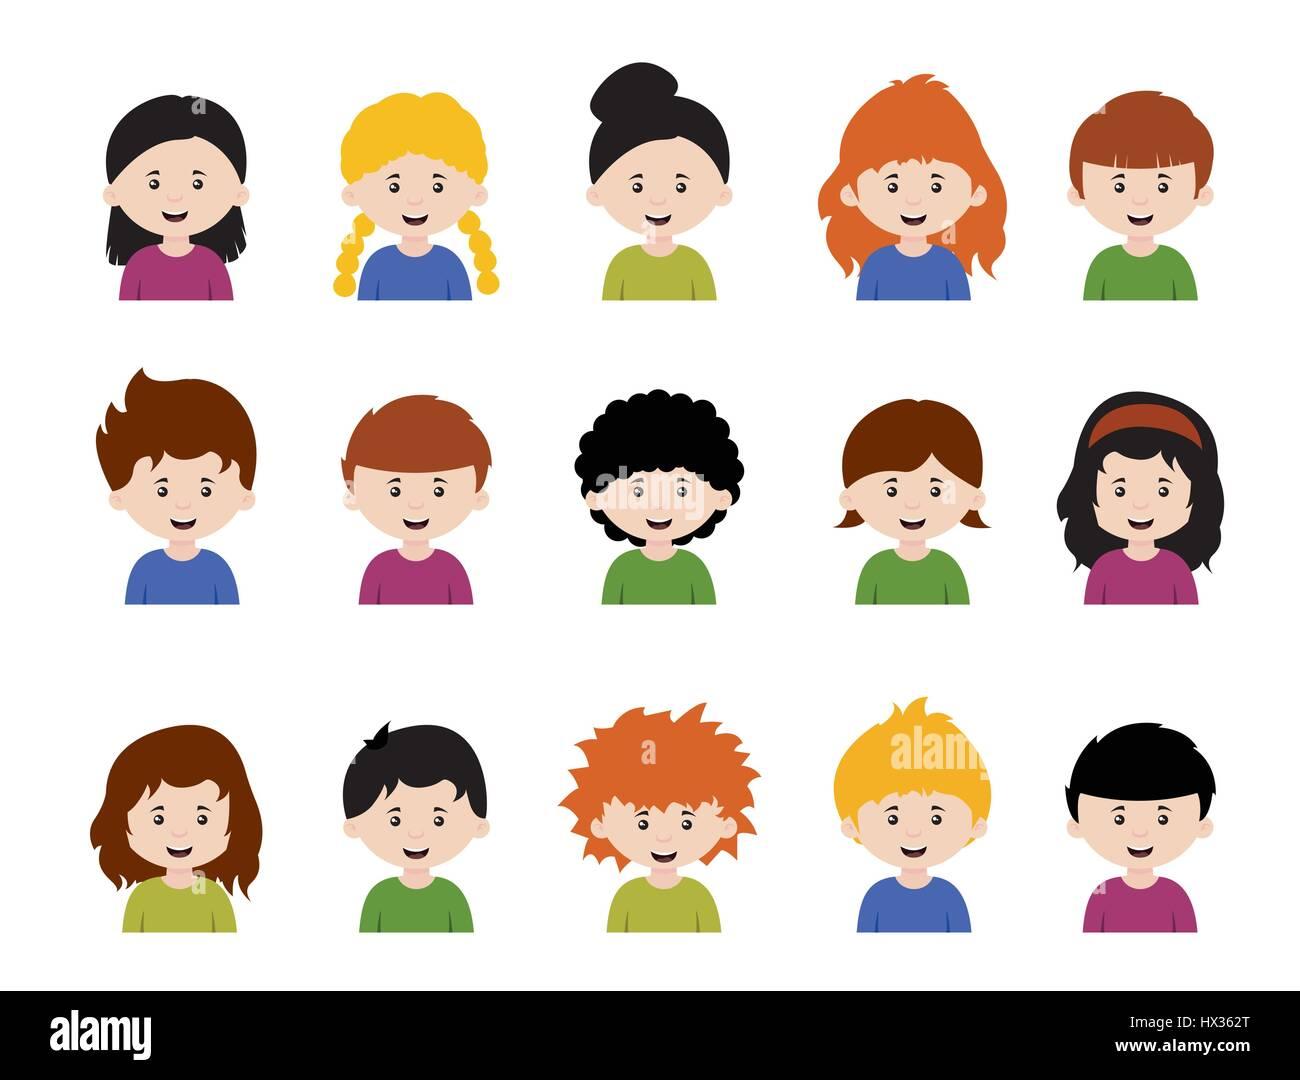 Para Niños De Dibujos Animados Caras Diferentes: Gran Juego De Niños Avatares,Cute Dibujos Animados